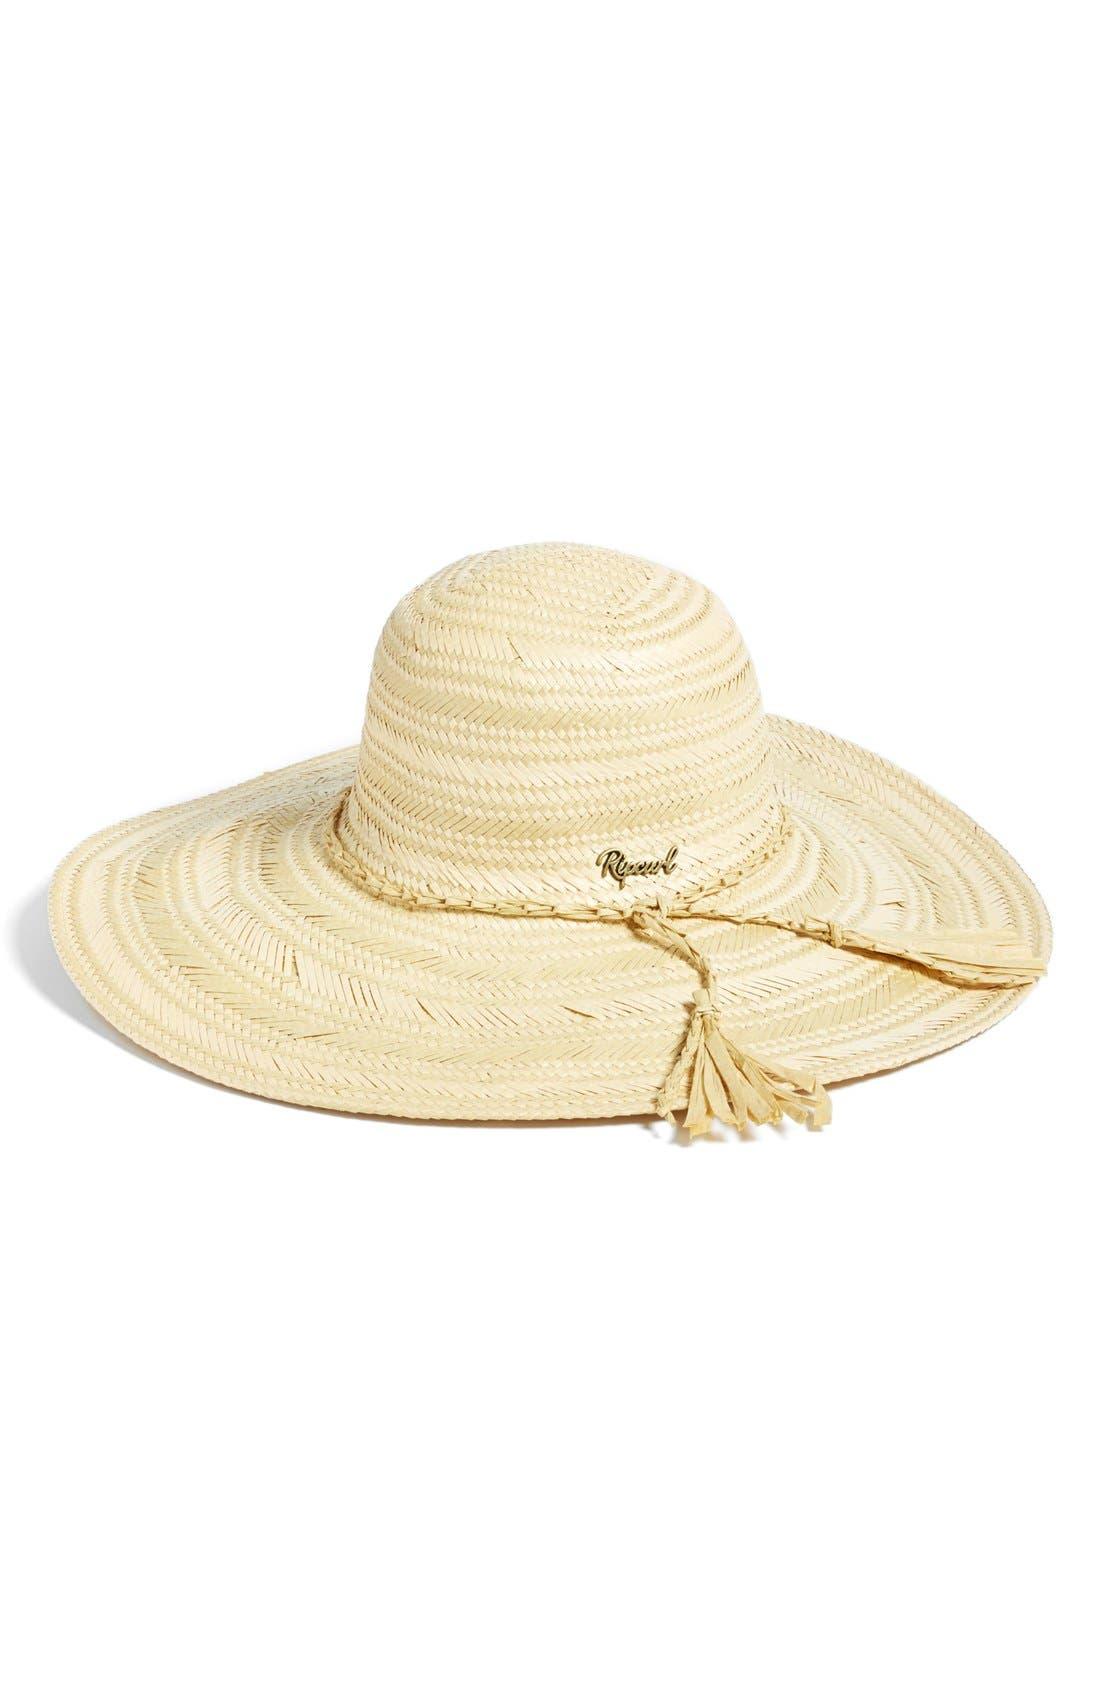 Main Image - Rip Curl 'Scarlet Boho' Woven Wide Brim Hat (Juniors)